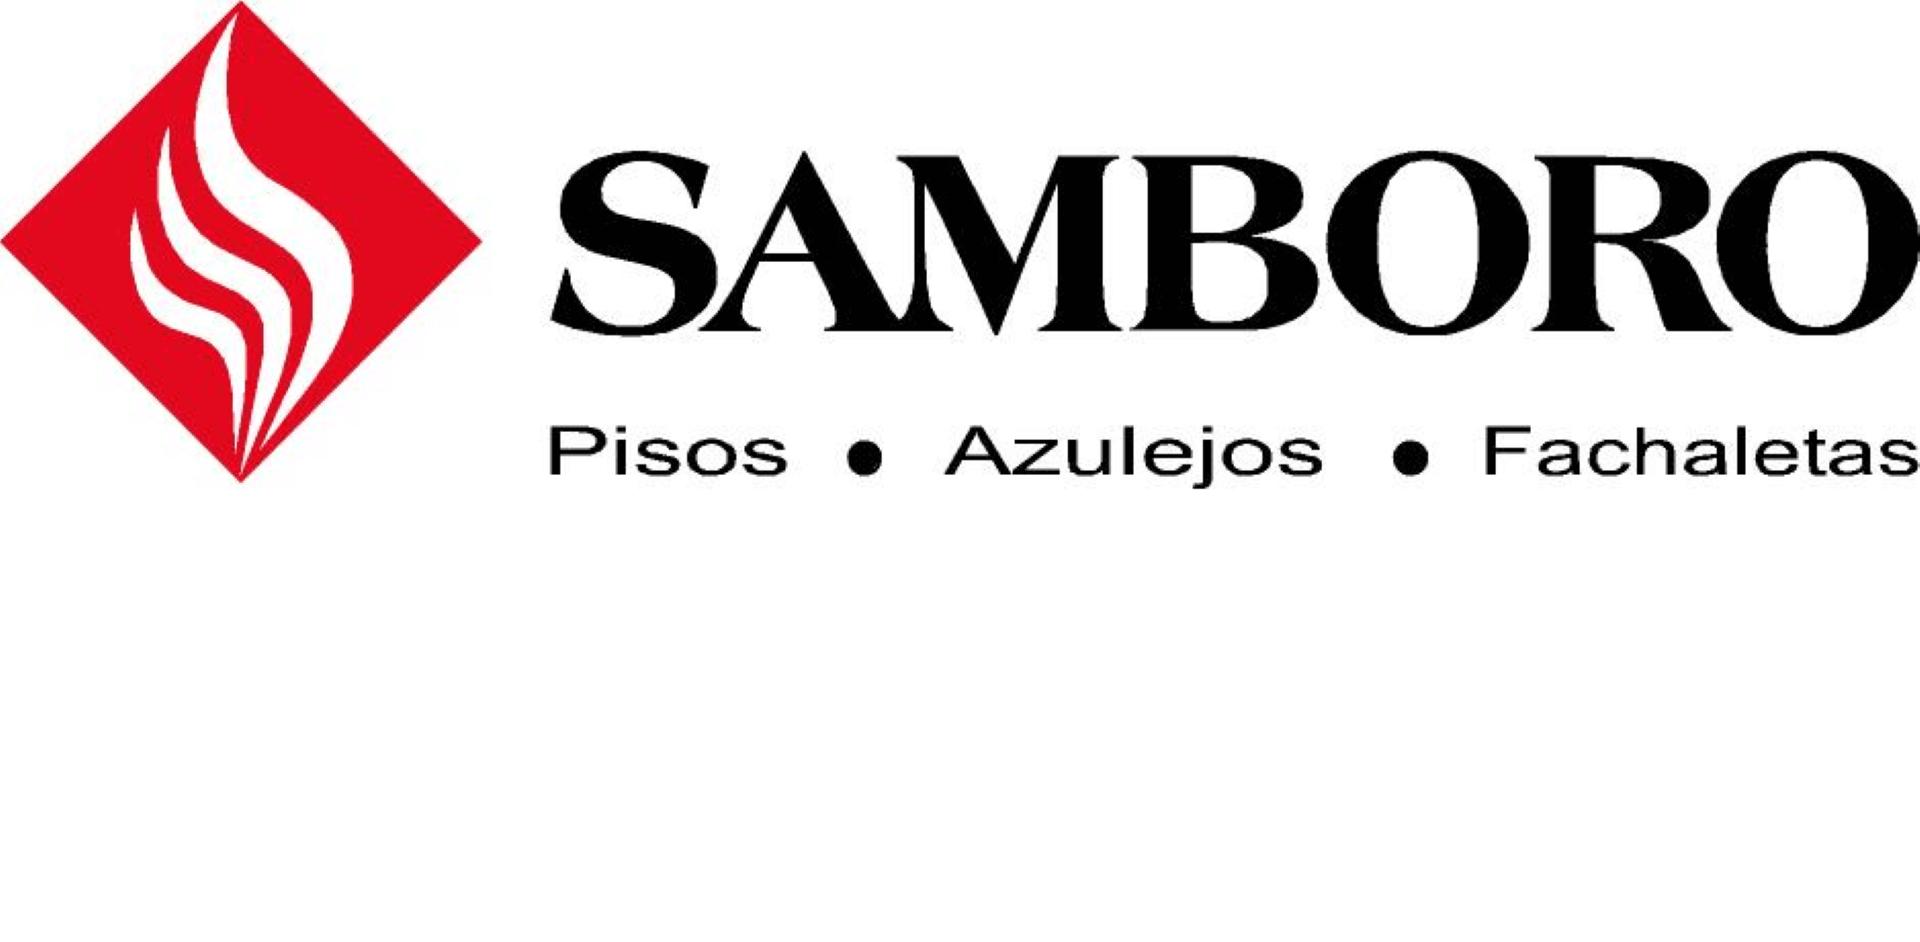 Logo de Samboro